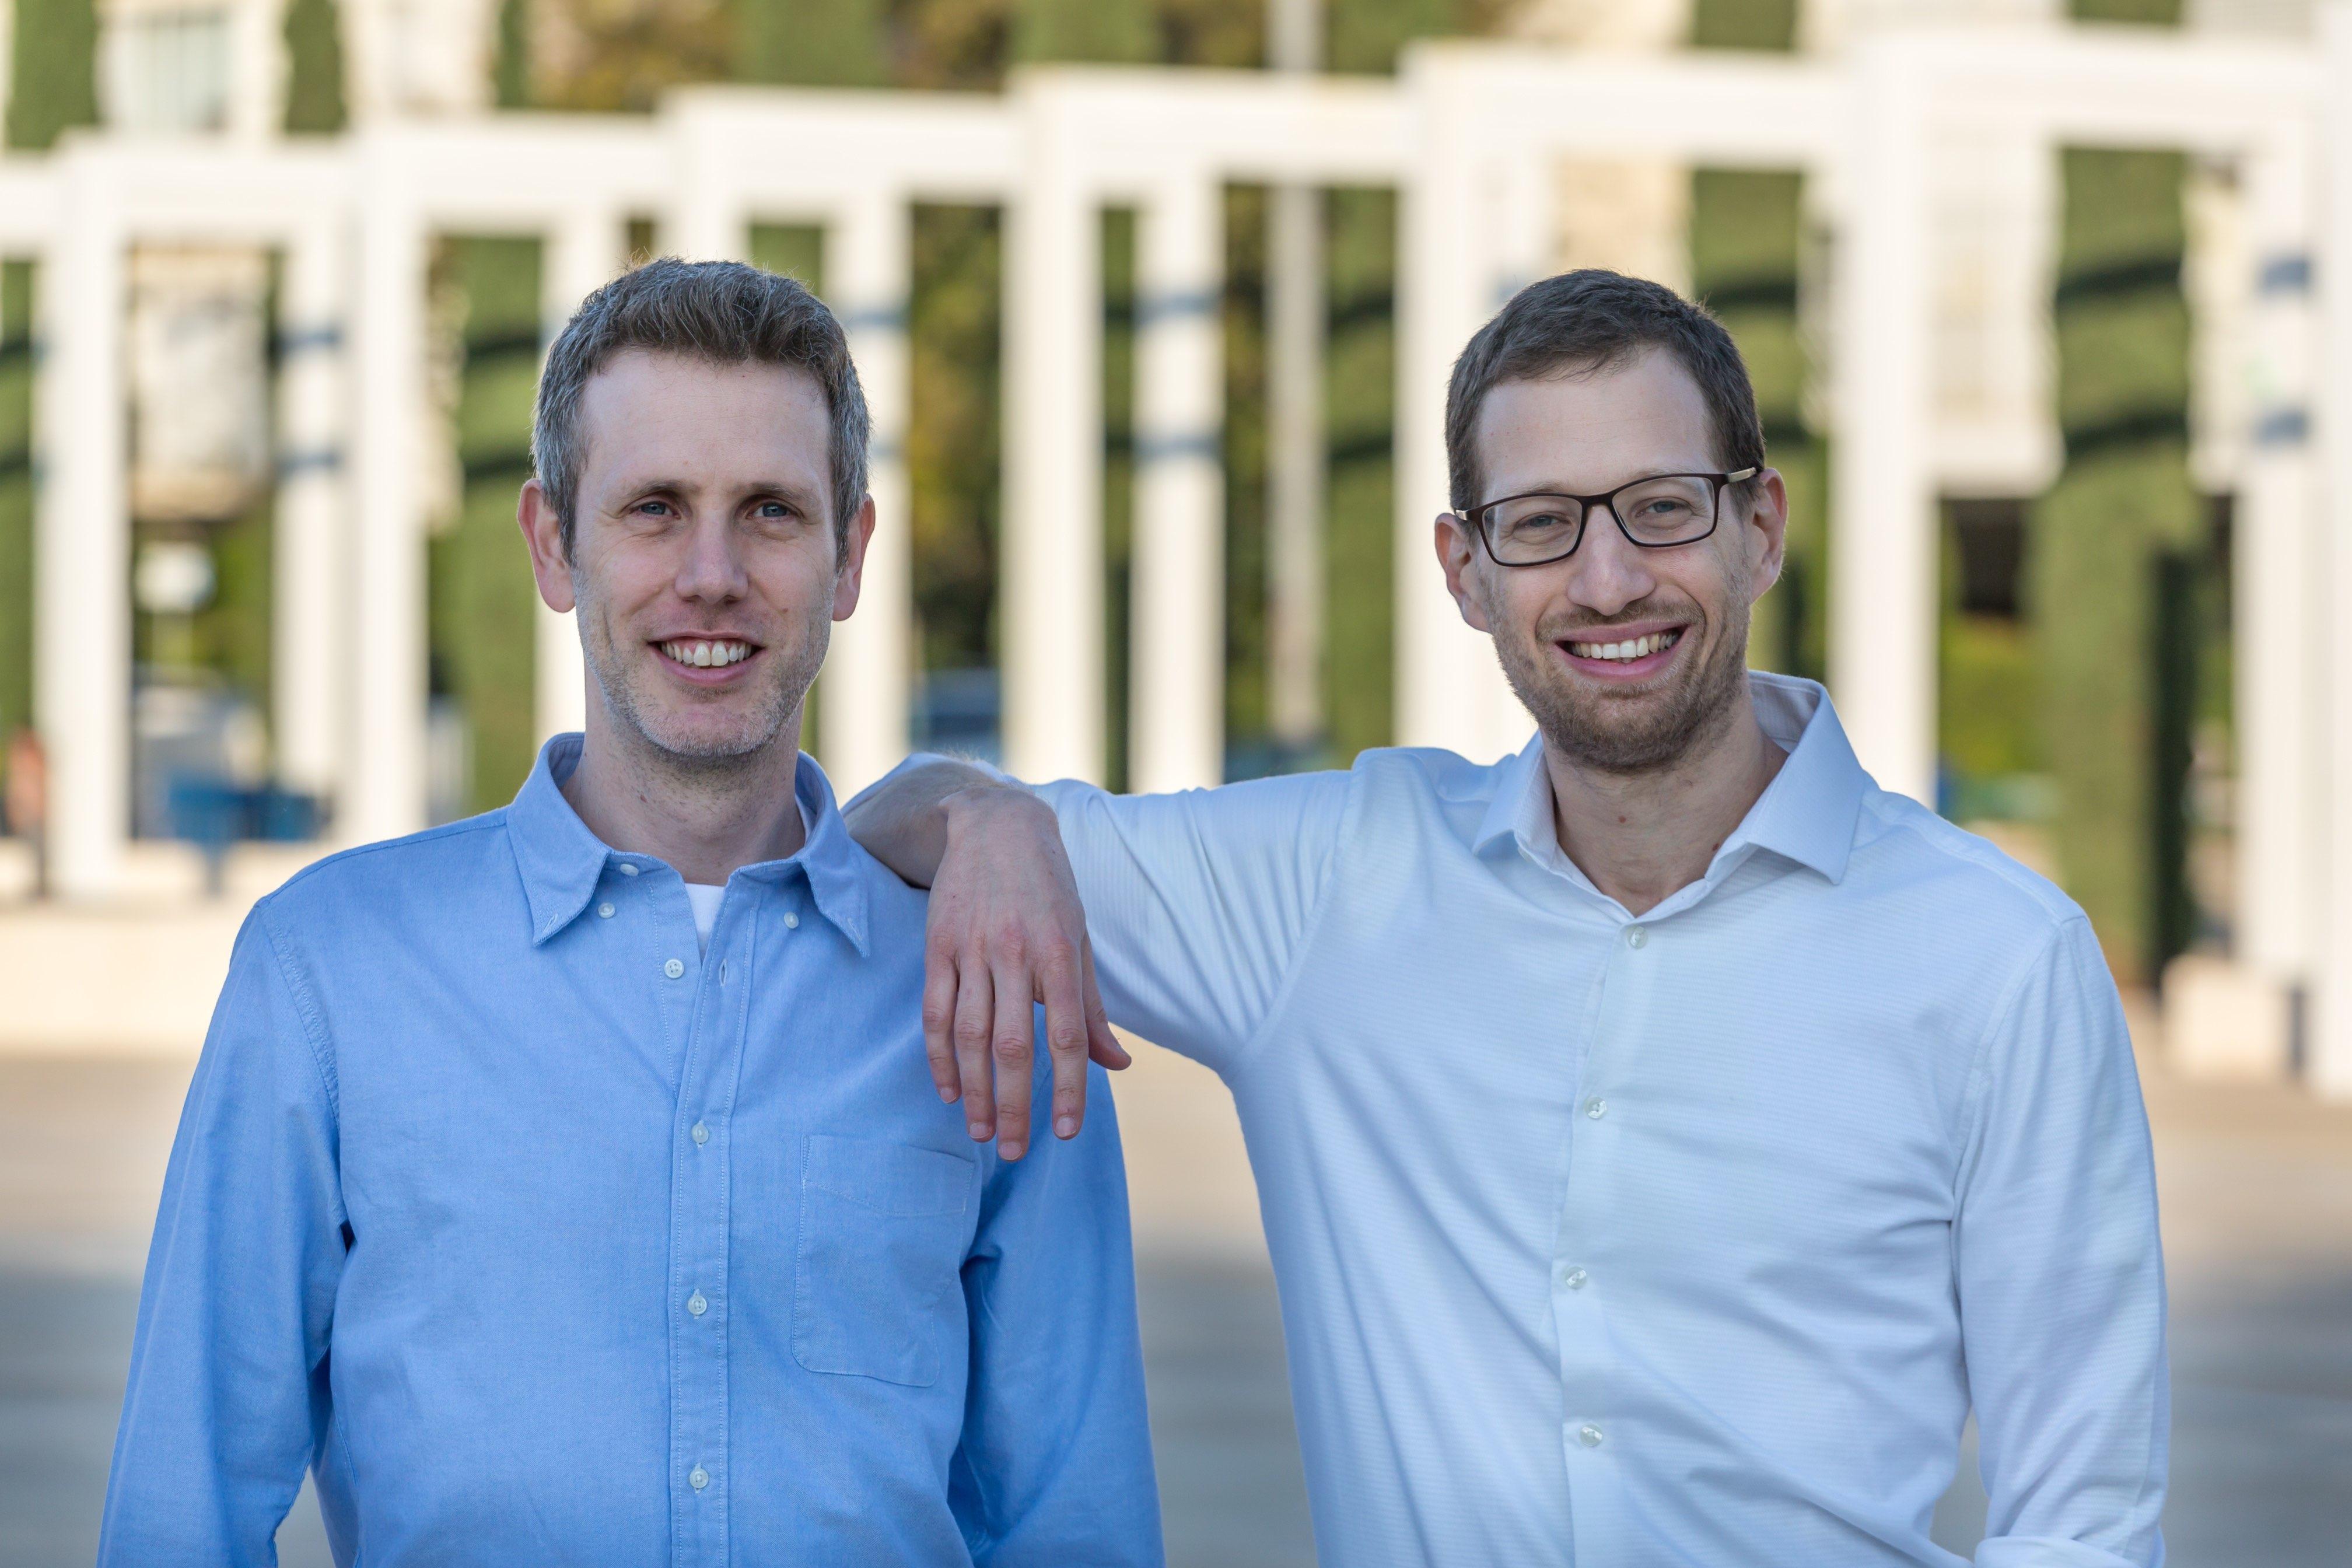 צמד היזמים, מימין לשמאל: ארז ברקנר ואביעד מור. מקור: Lumigo